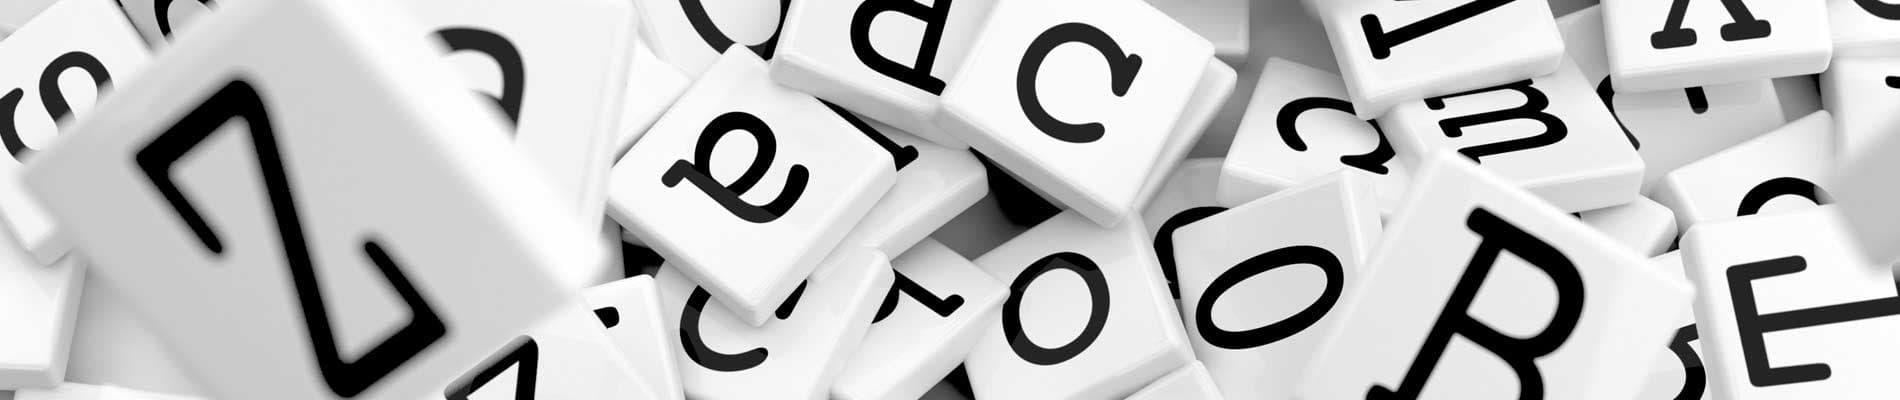 Logopedia i trastorns de la parla